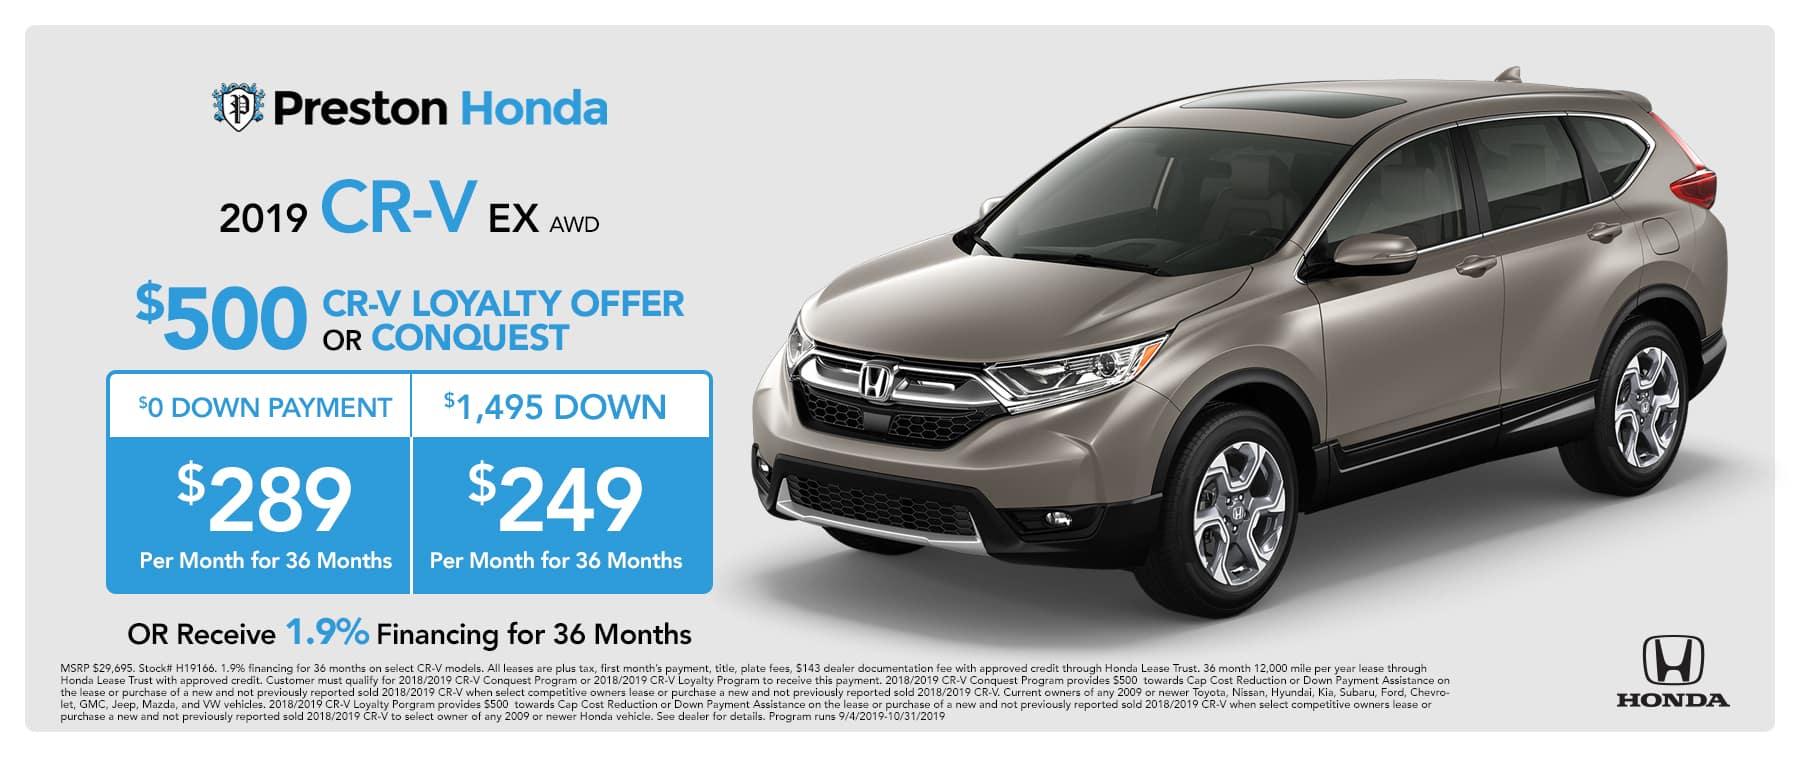 September special on the 2019 Honda CR-V